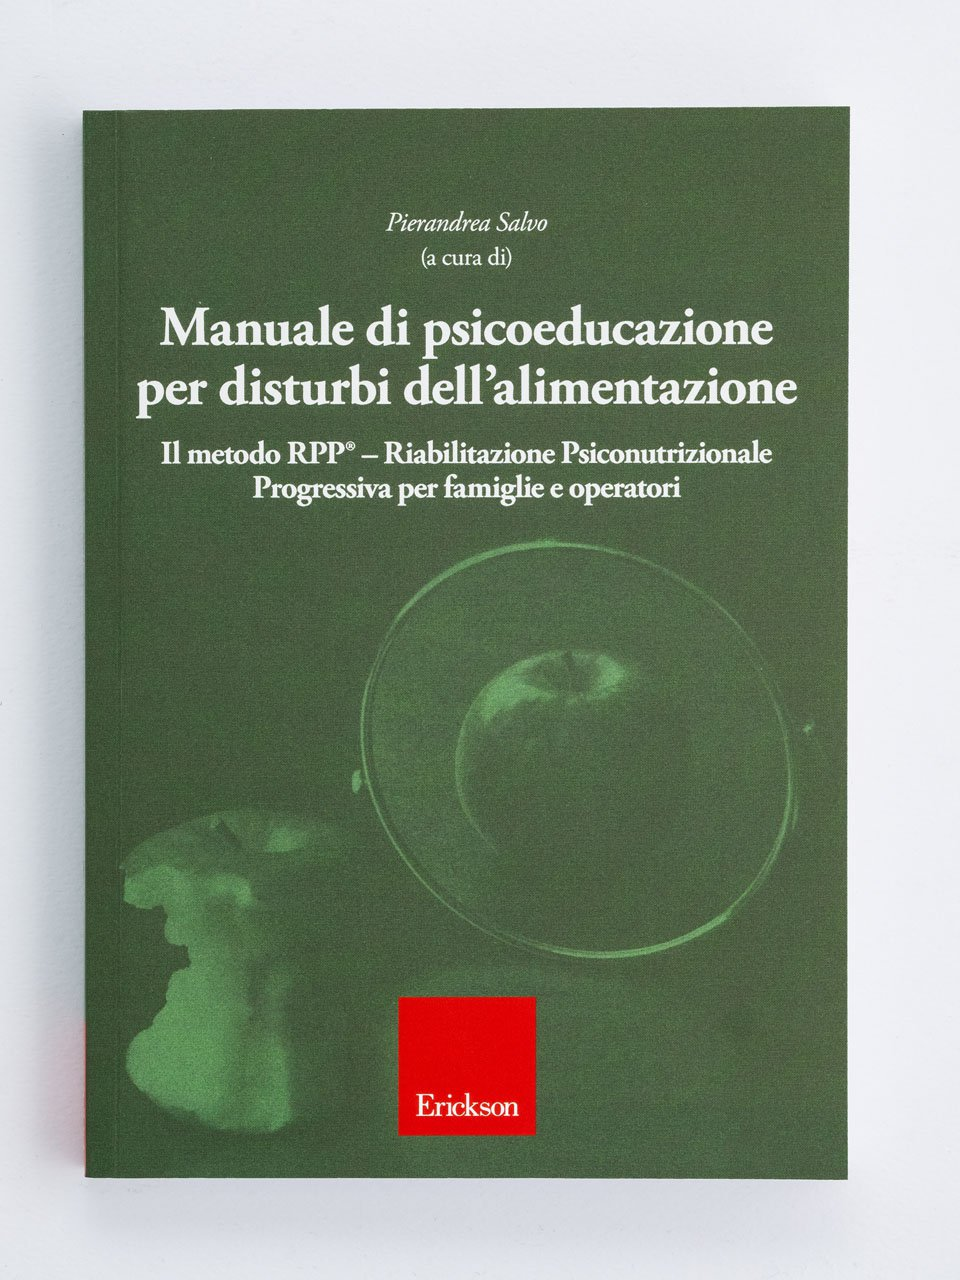 Manuale di psicoeducazione per disturbi dell'alimentazione - Tutti a tavola... - Libri - Erickson